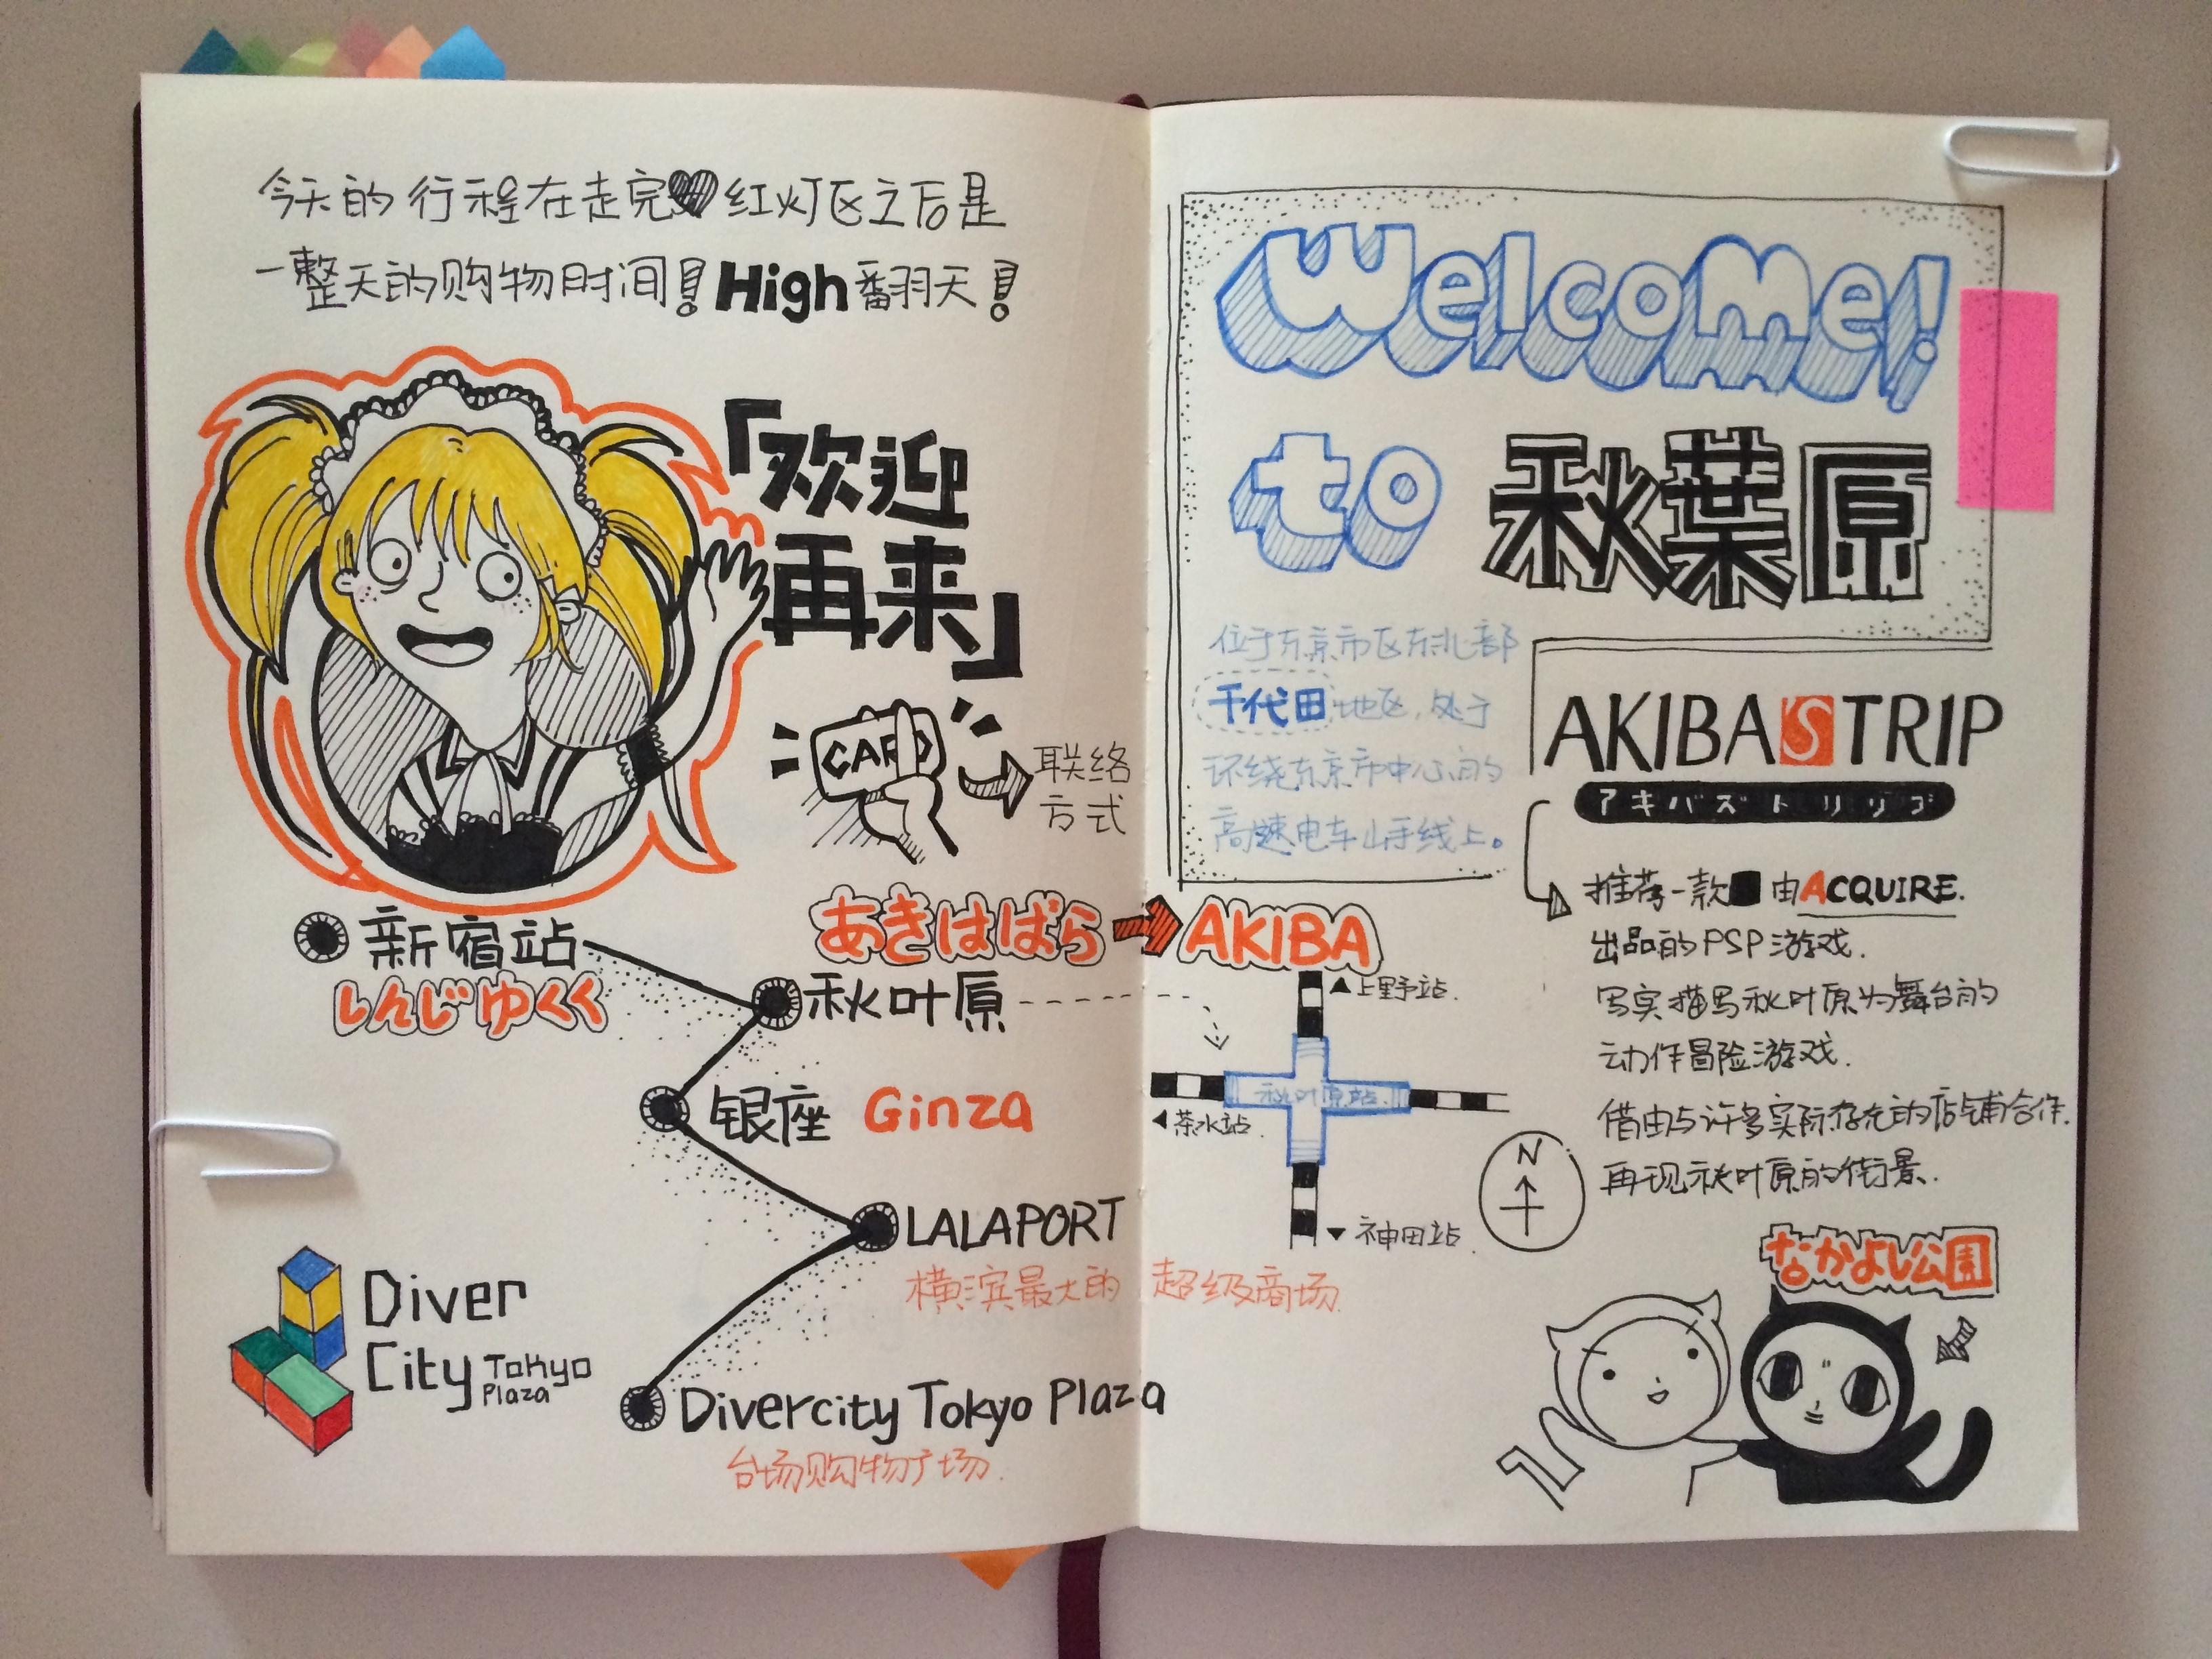 日本手绘旅行日记